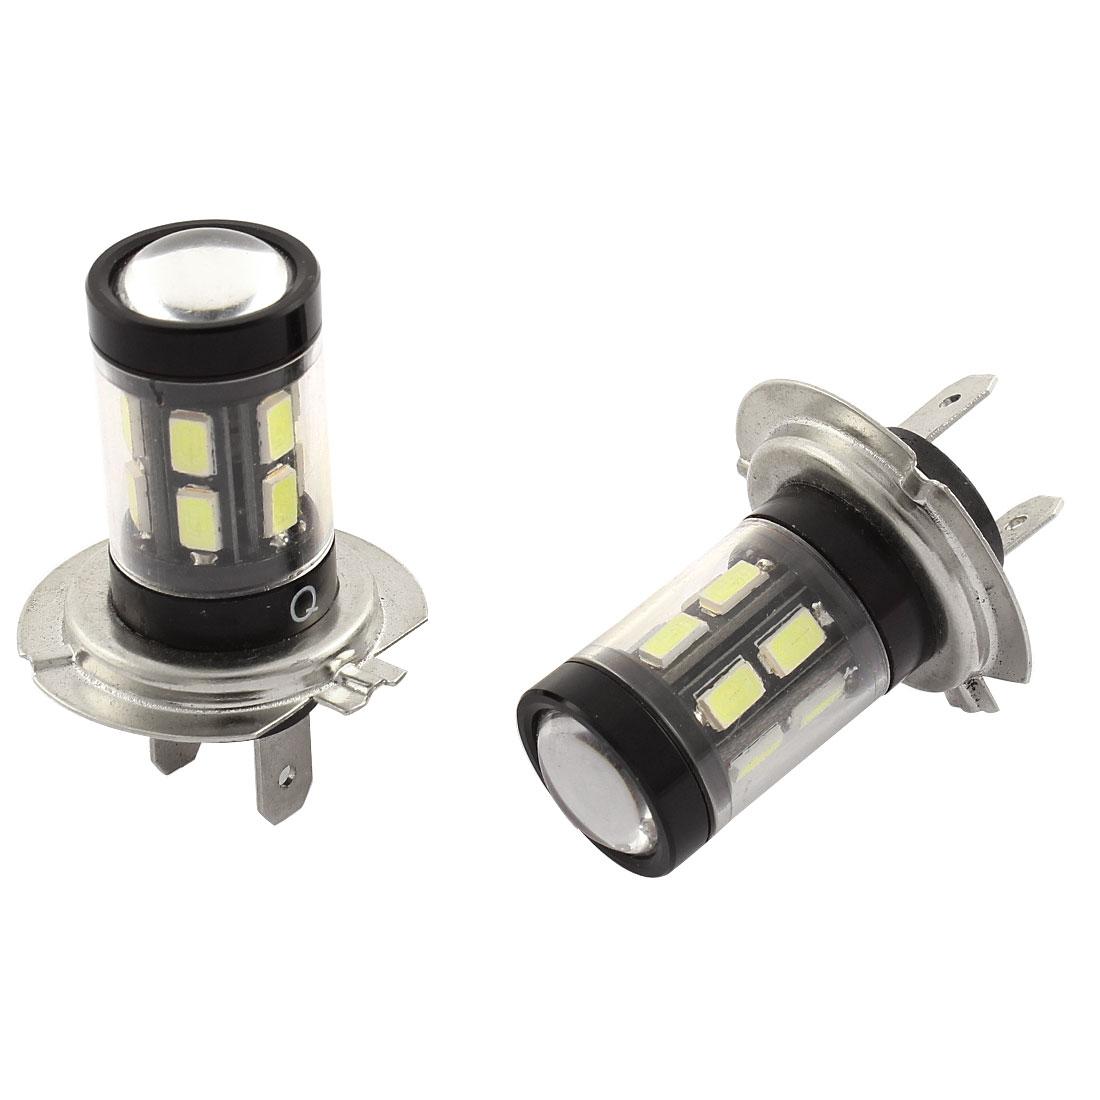 2 Pcs H7 White 15 SMD LED Error Free Fog Driving Headlamp Light Bulb 12V for Car